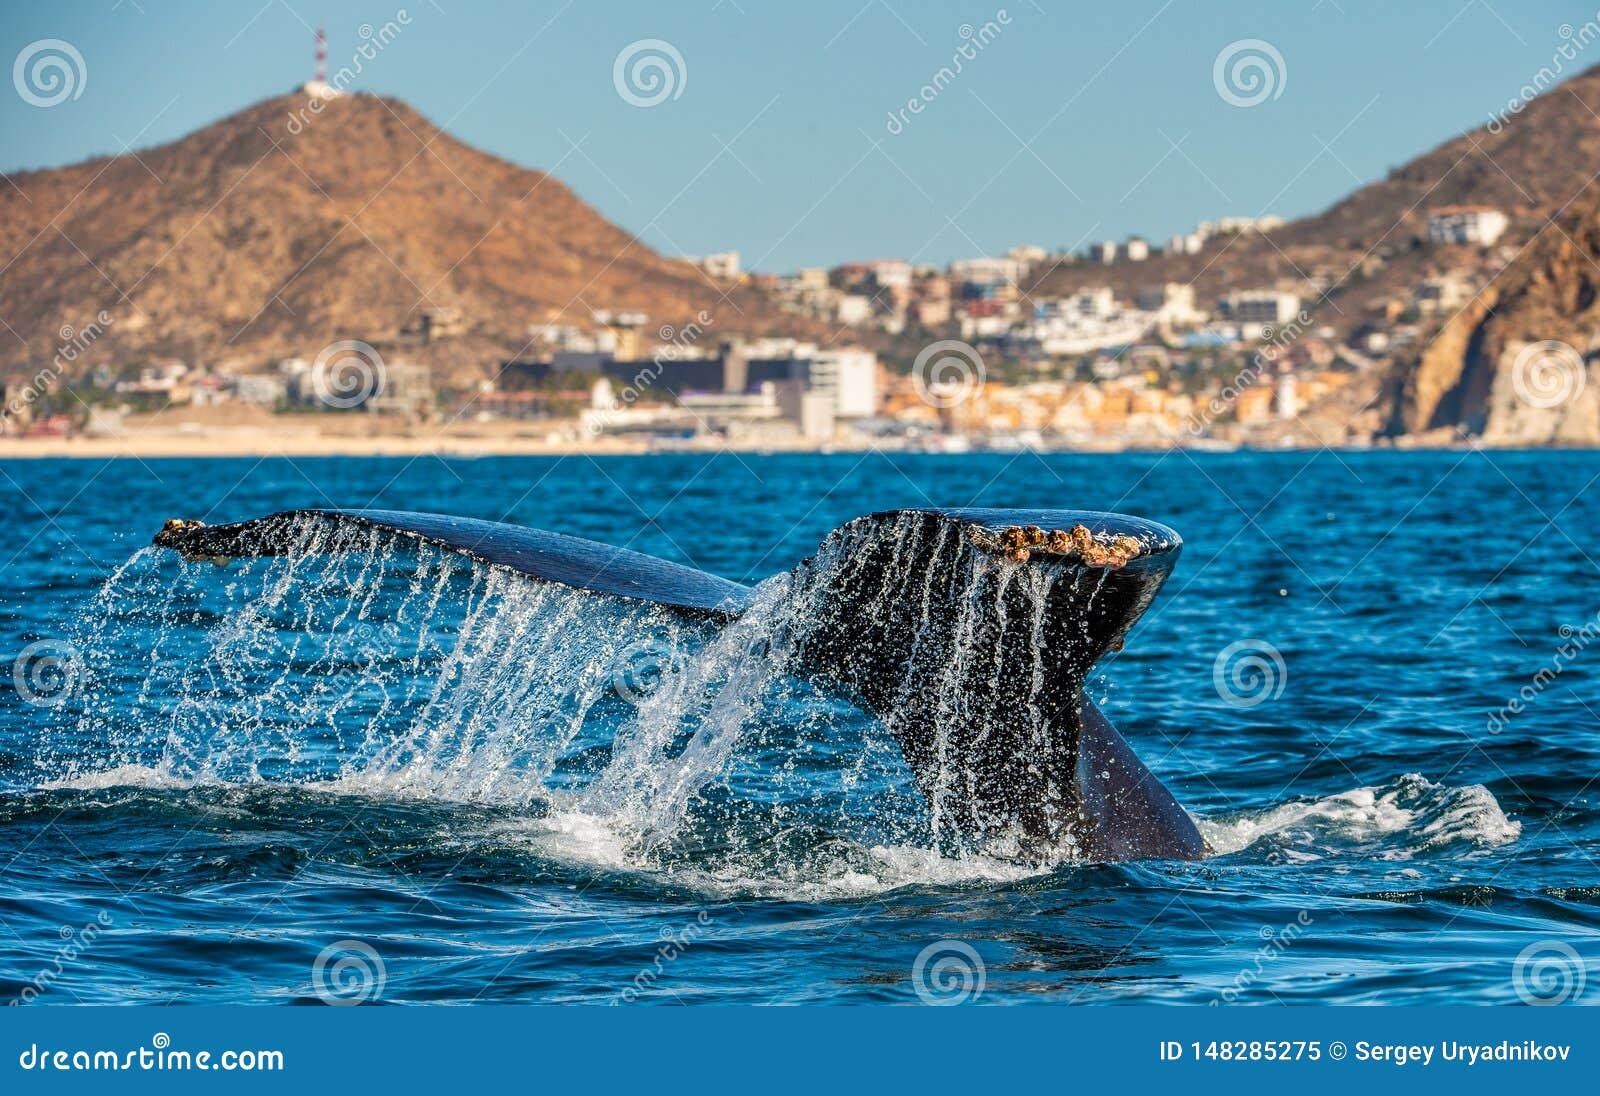 Хвостовой плавник могущественного горбатого кита над поверхностью океана Научное имя: Novaeangliae Megaptera E